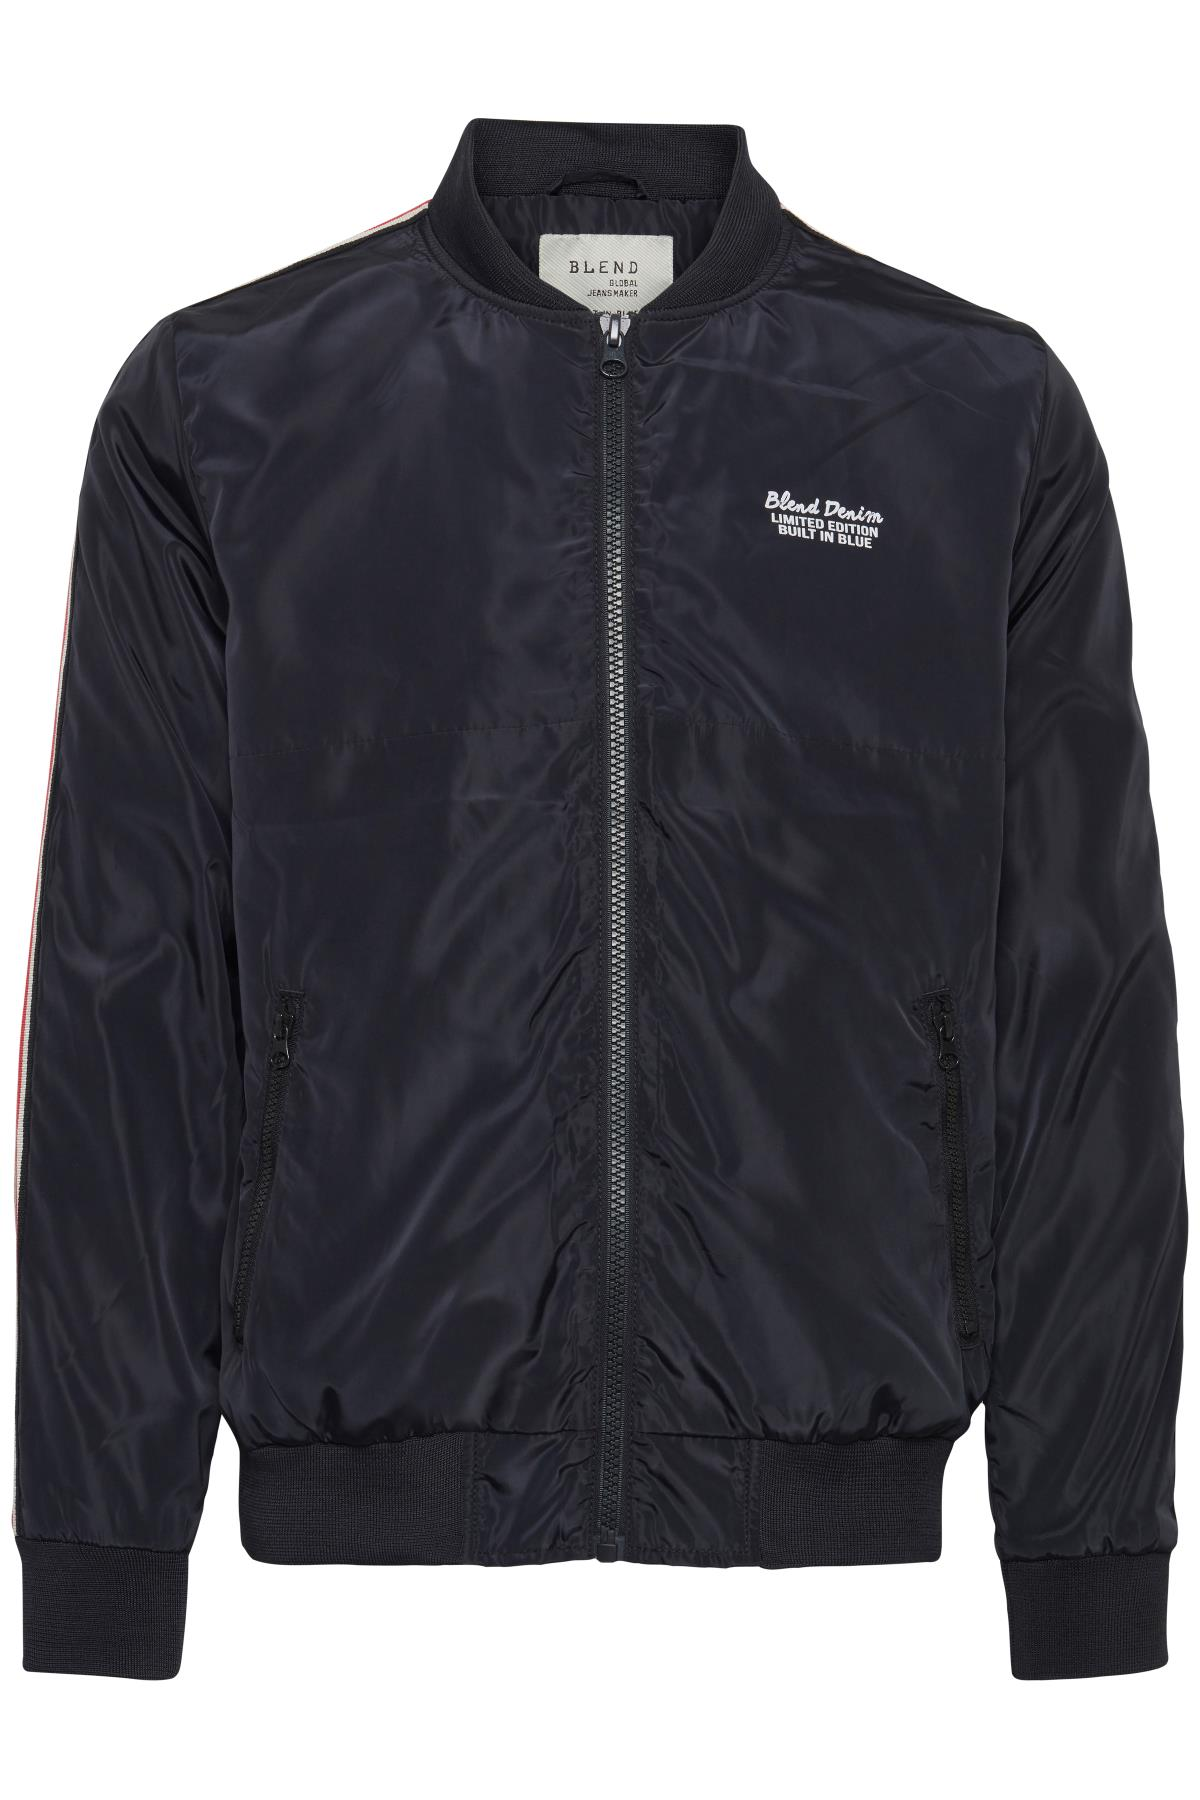 Image of Blend He Herre Super cool jakke - Mørk marineblå